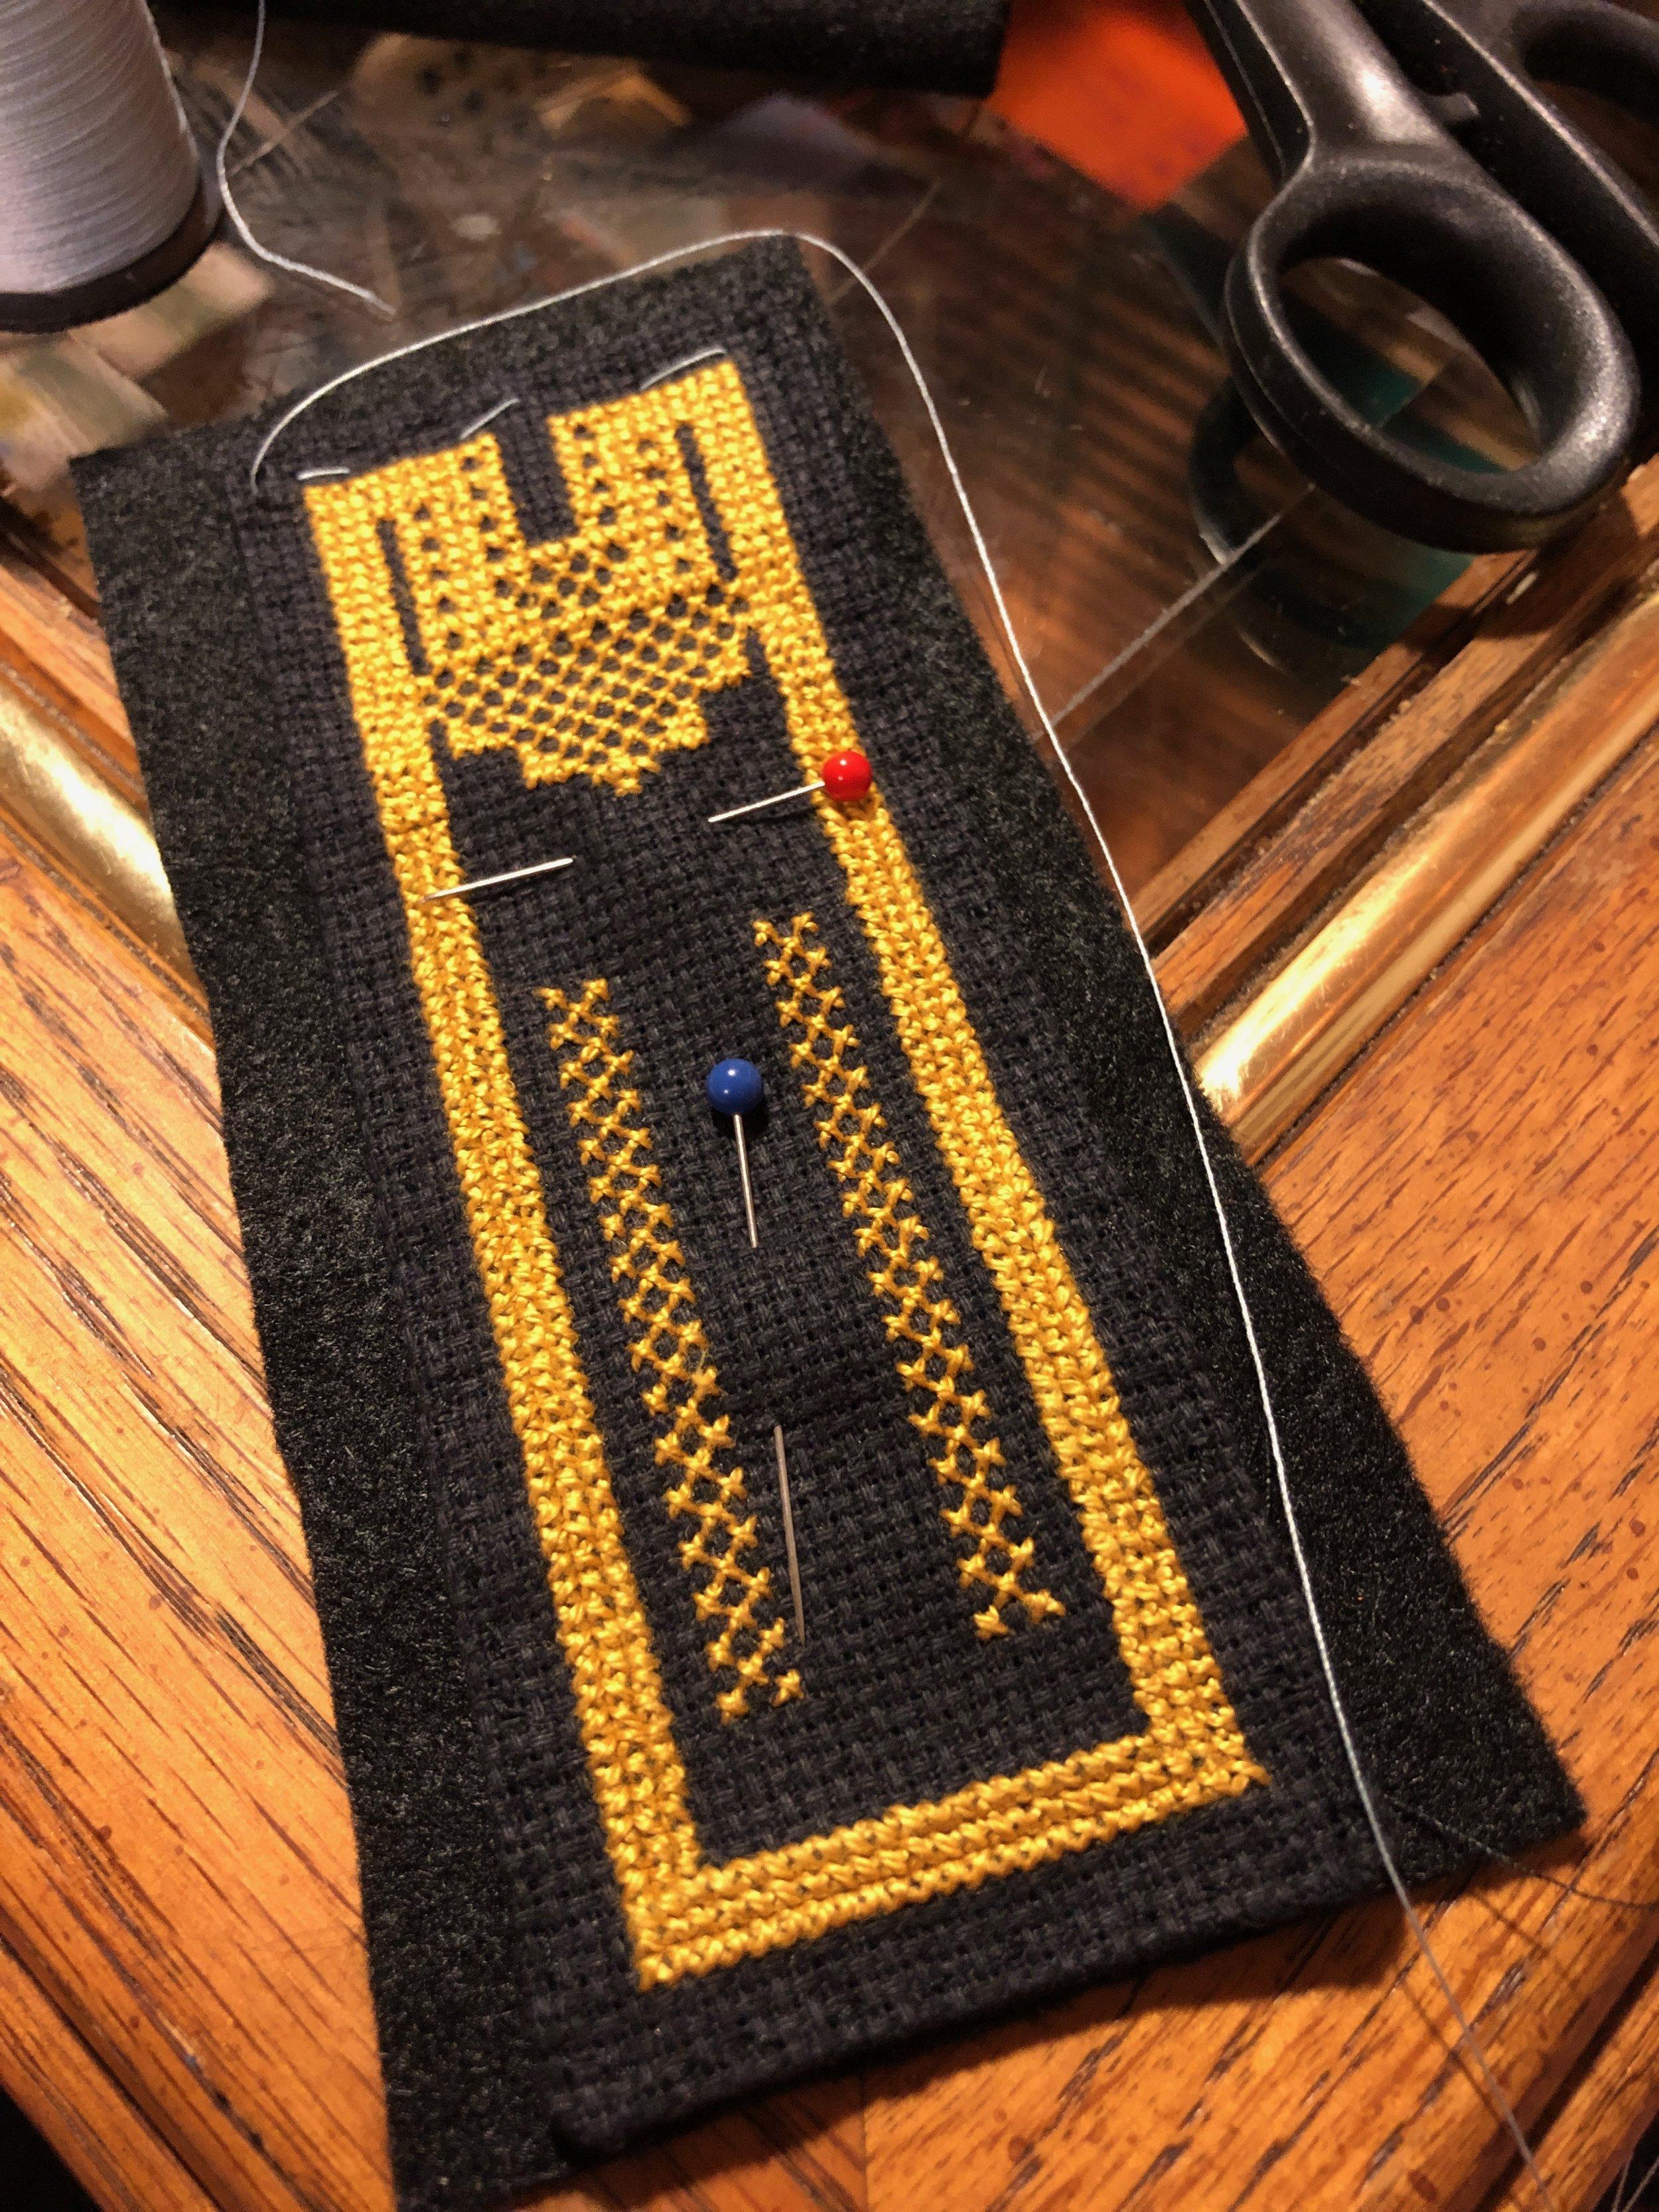 Pinned black felt on black Aida cloth